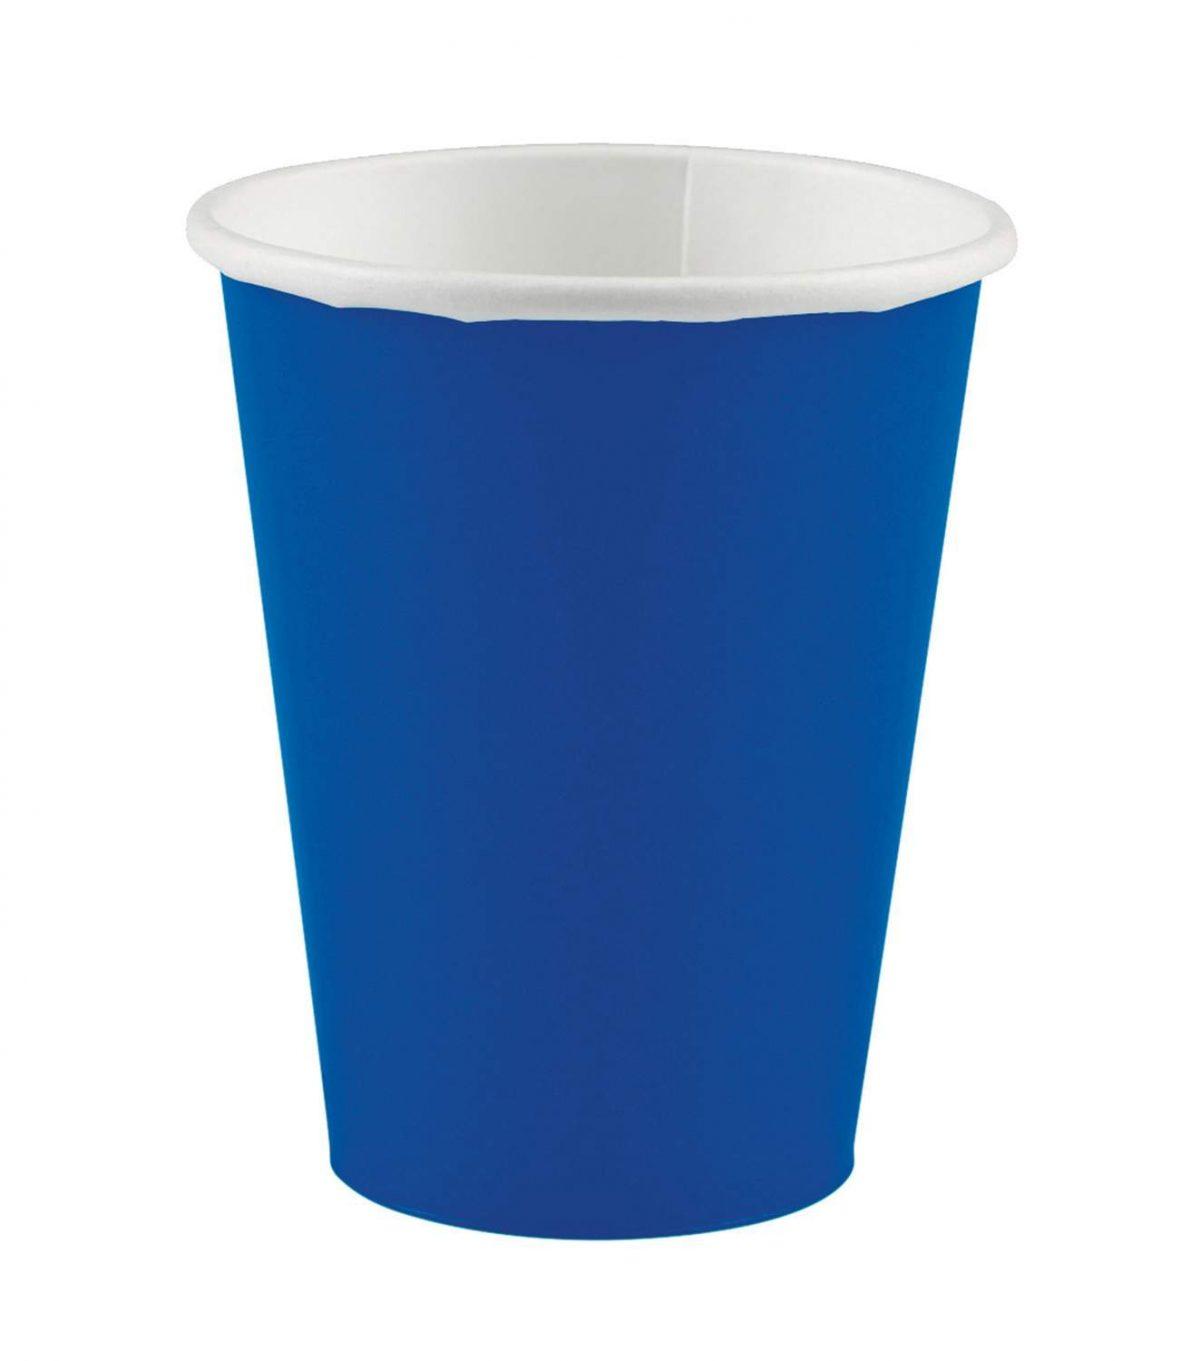 Ποτήρια πάρτυ μπλε ρουά (20 τεμ)